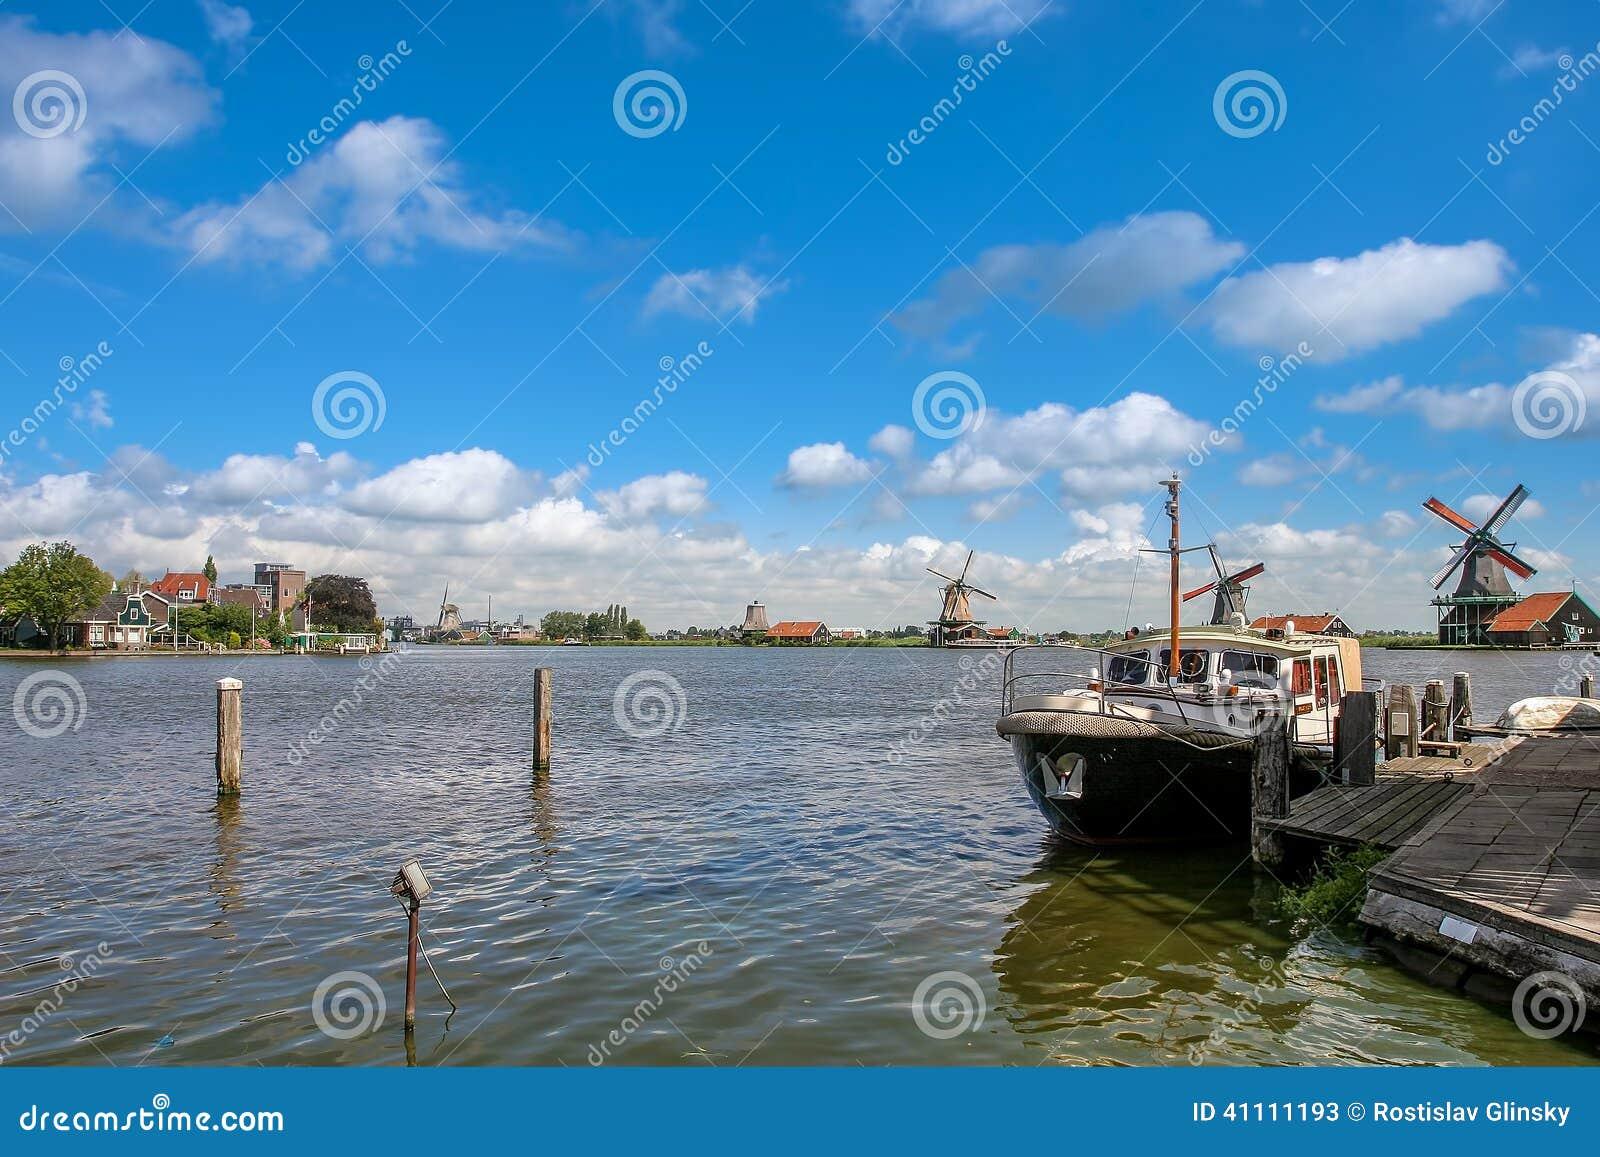 Bateau sur la rivière dans le village néerlandais